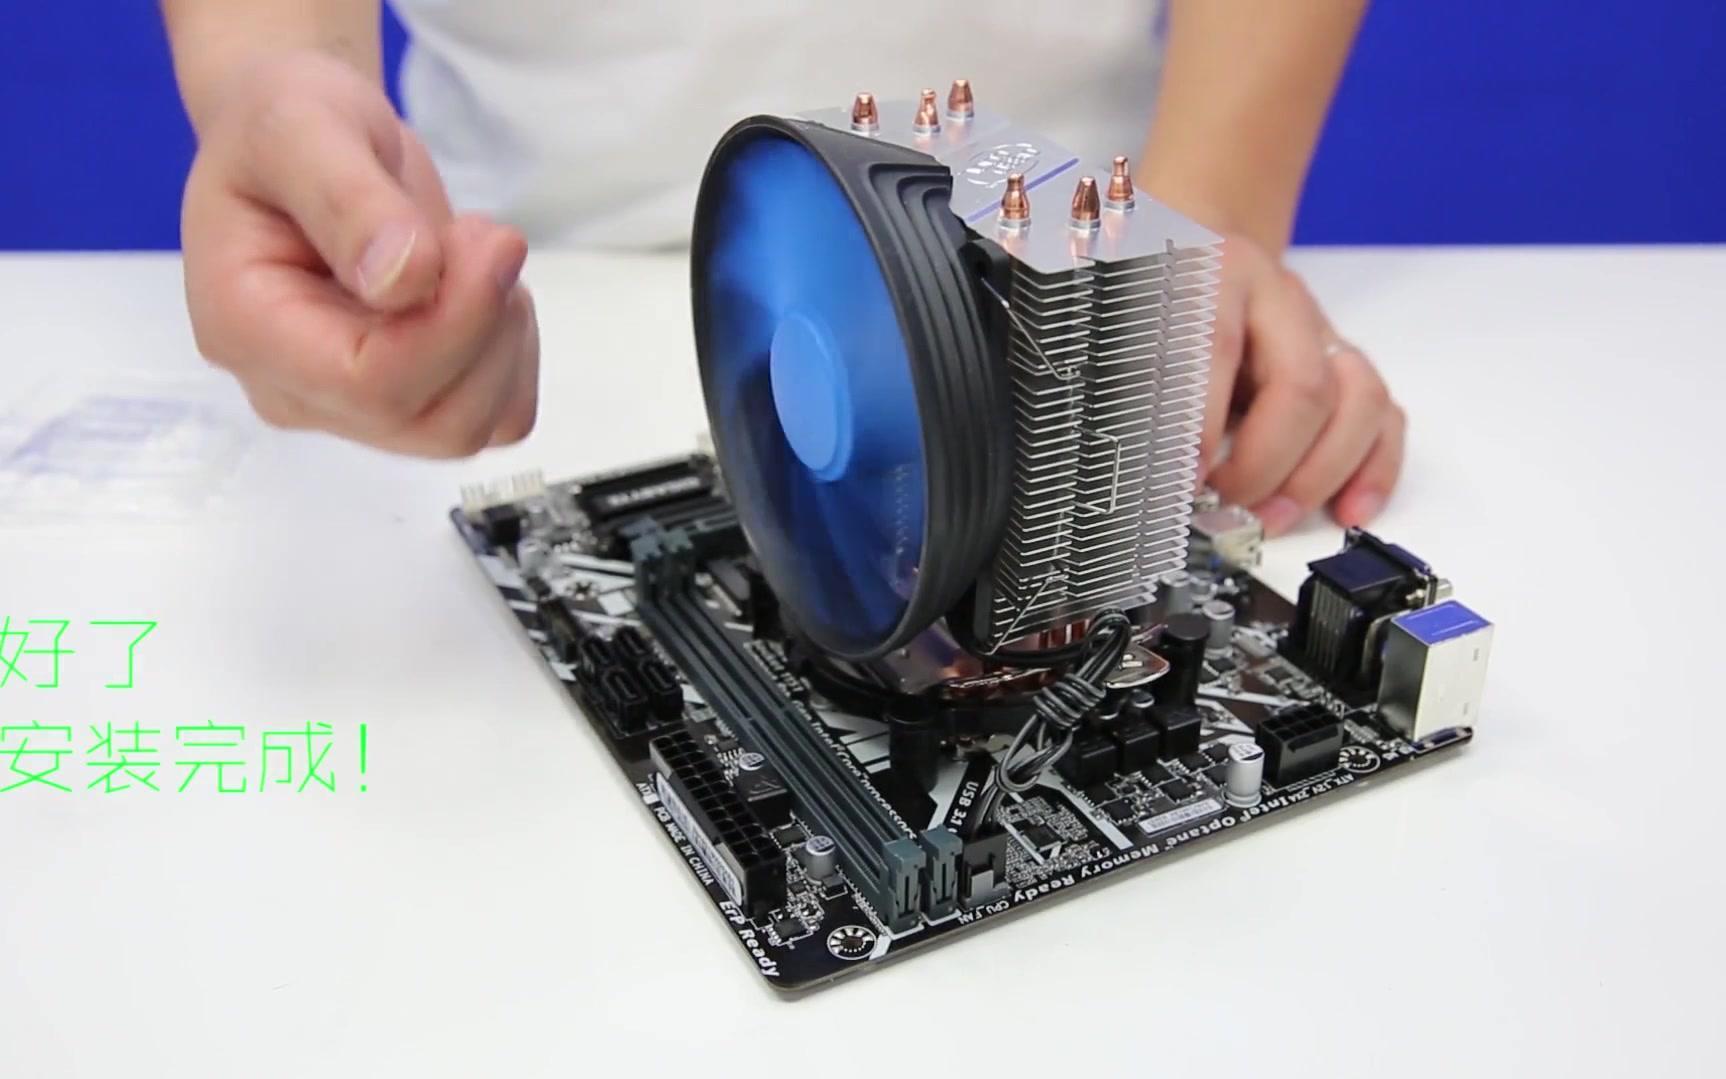 九州風神玄冰300散熱器安裝與拆卸_嗶哩嗶哩 (゜-゜)つロ 干杯~-bilibili